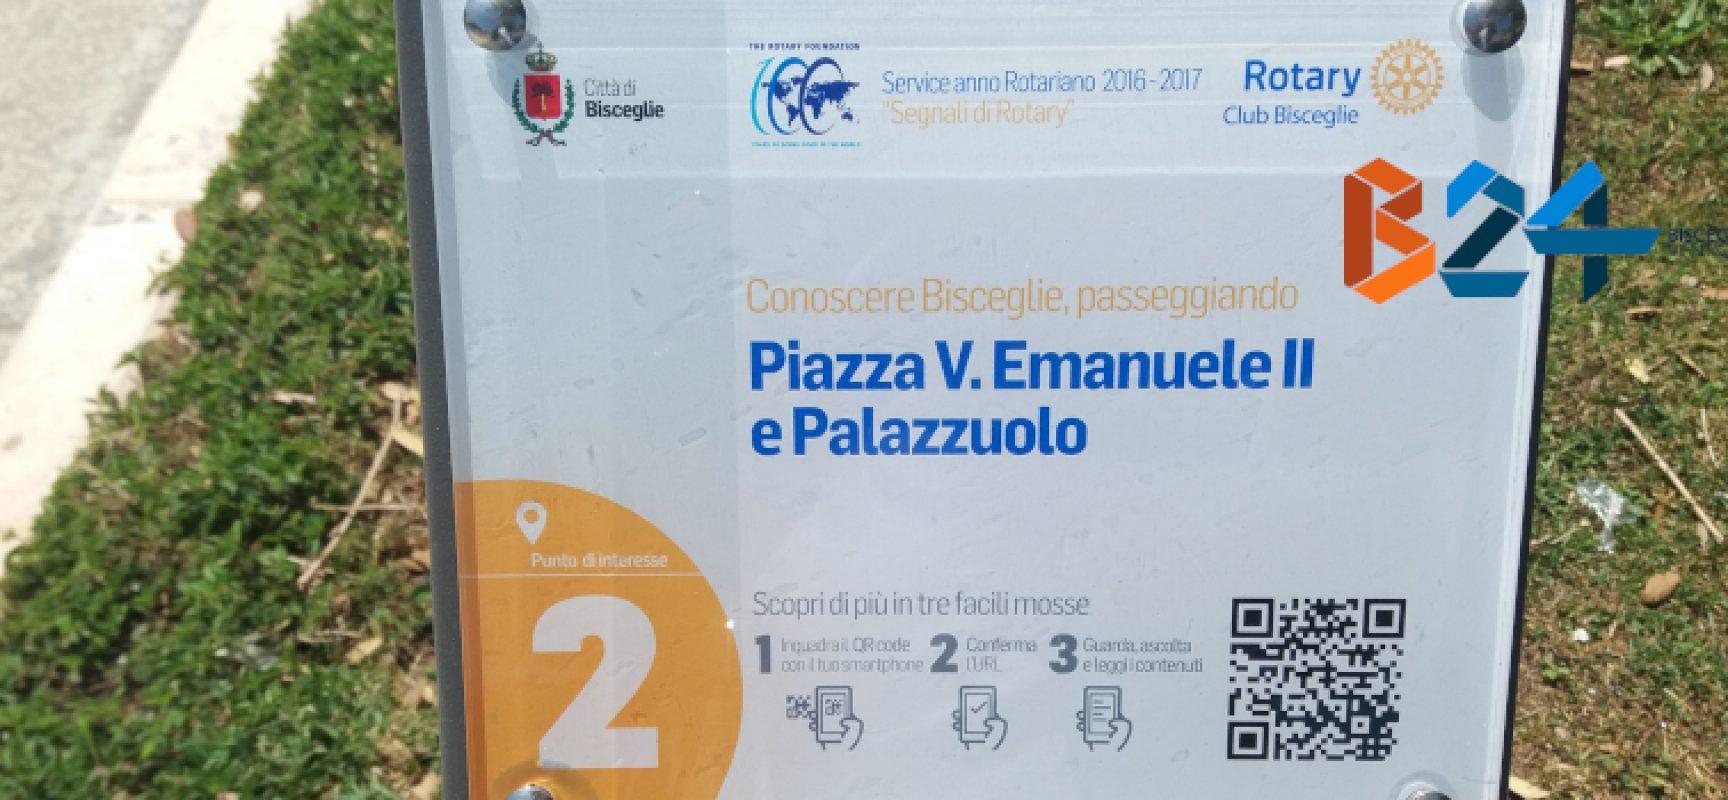 Il Rotary Bisceglie consegna diciotto paline multimediali per conoscere meglio la città